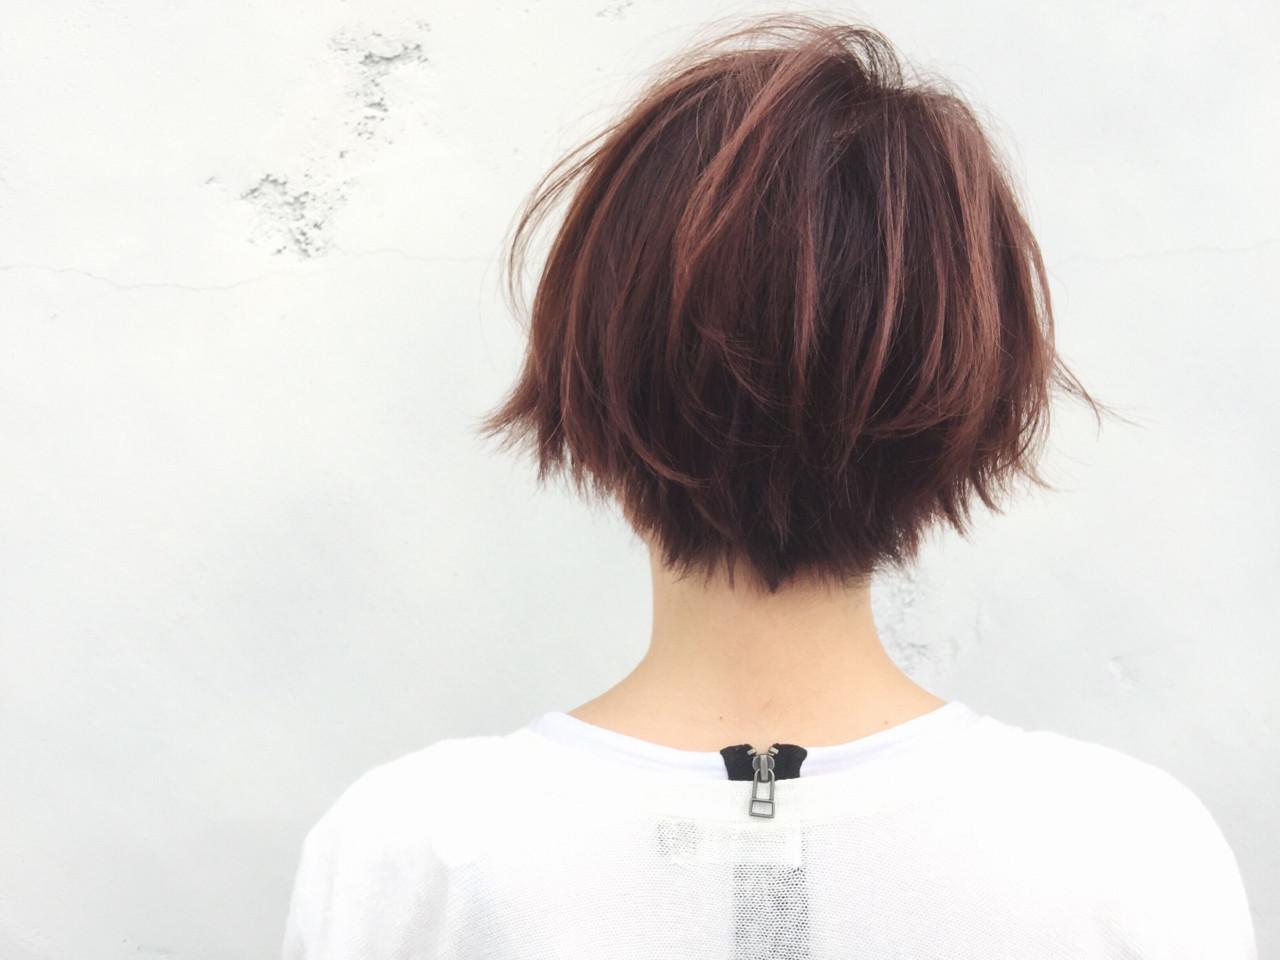 ハイライト ピンク ハイトーン ショート ヘアスタイルや髪型の写真・画像